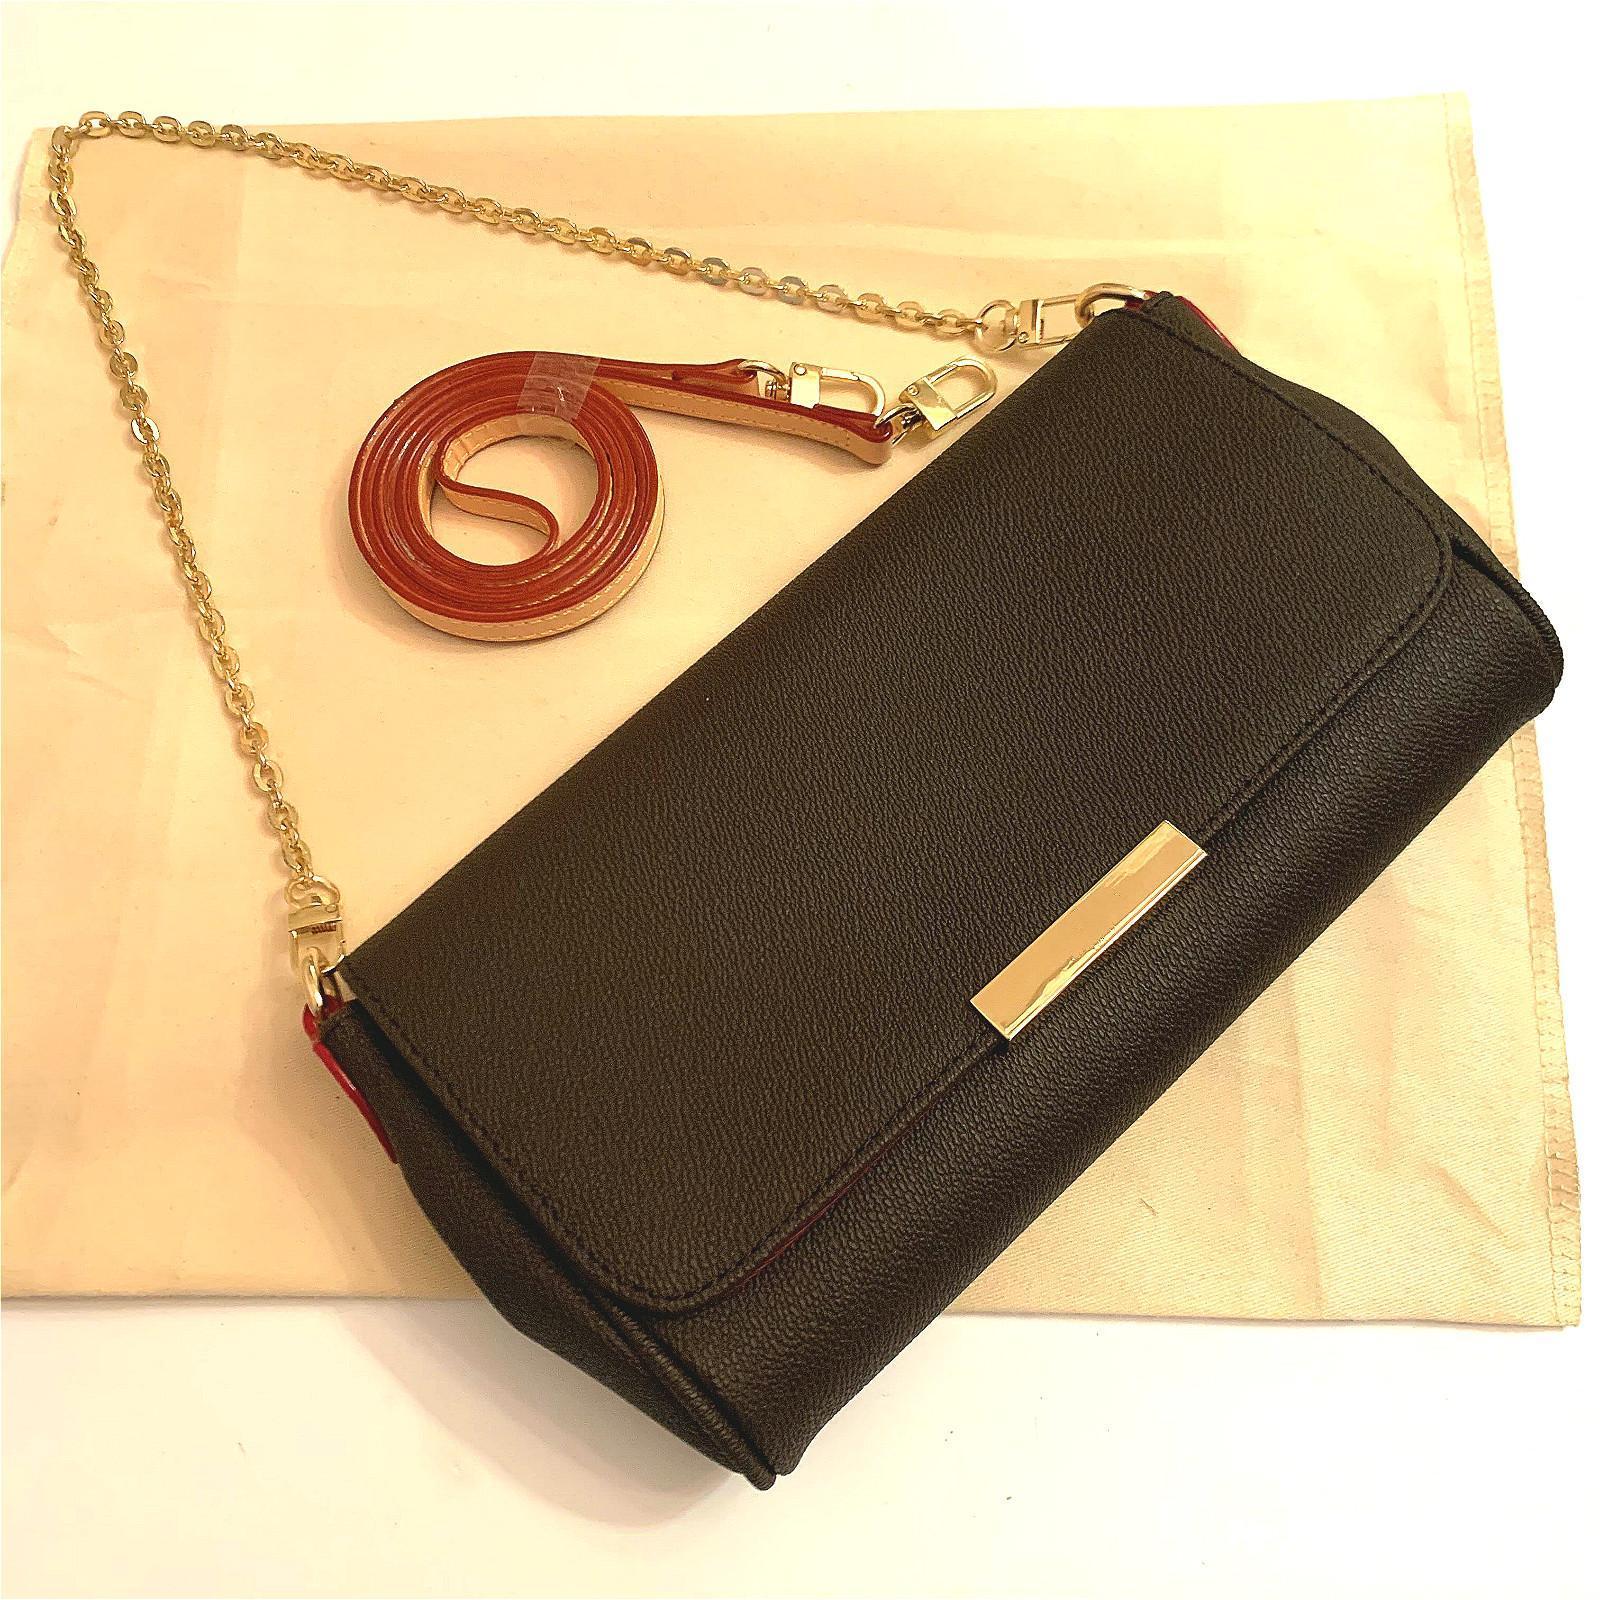 Womens Messenger Bag Mode Luxurys Taschen Designer Schulter Totes Geldbörse Handtaschen Crossbody Rucksack